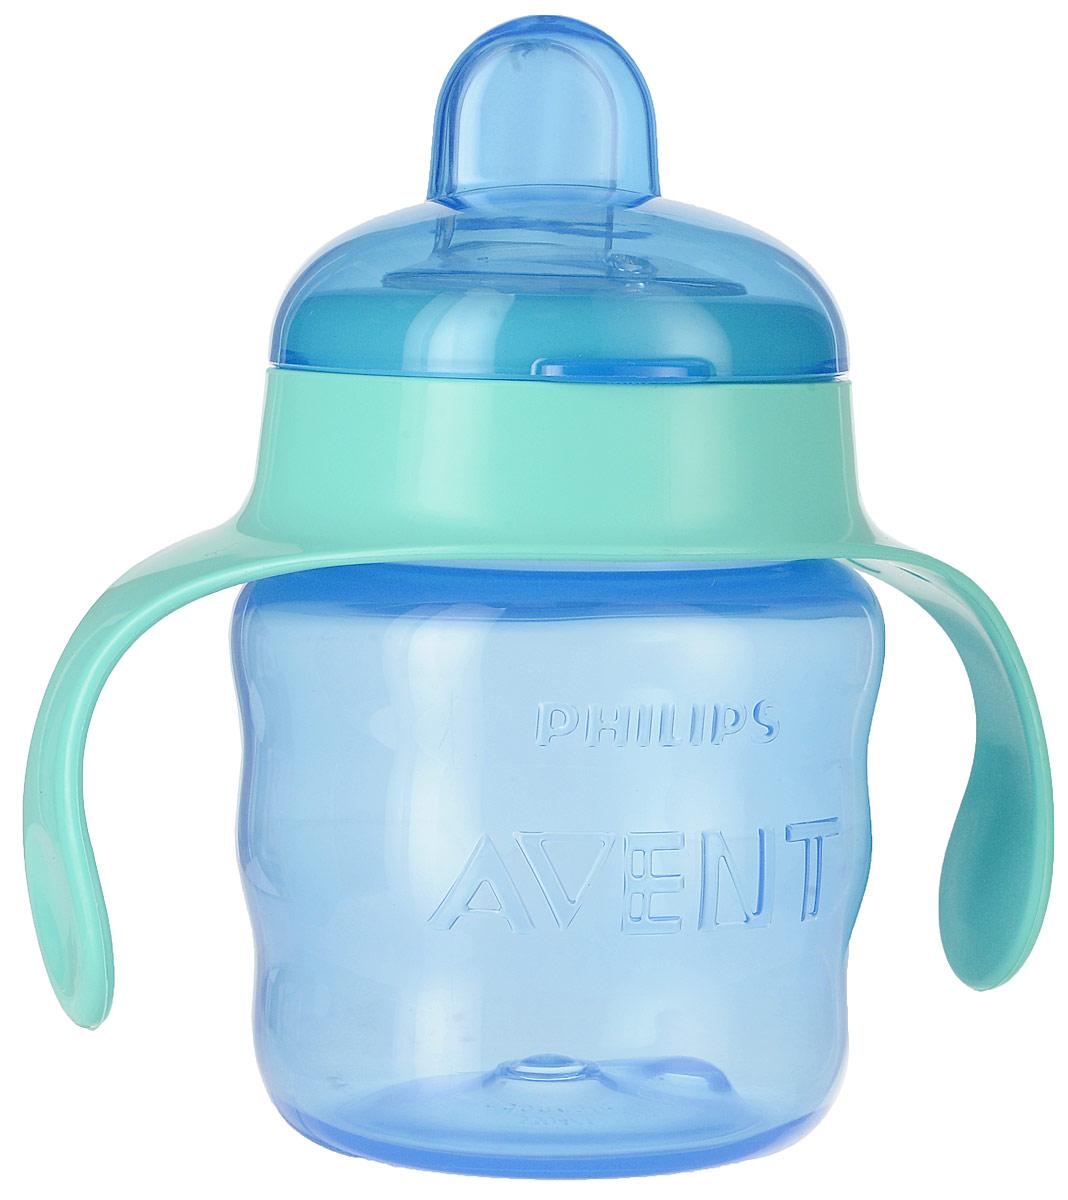 Philips Avent Чашка-поильник Comfort от 6 месяцев цвет синий мятный 200 мл SCF551/00 philips avent чашка поильник 260 мл 12м красный scf782 00